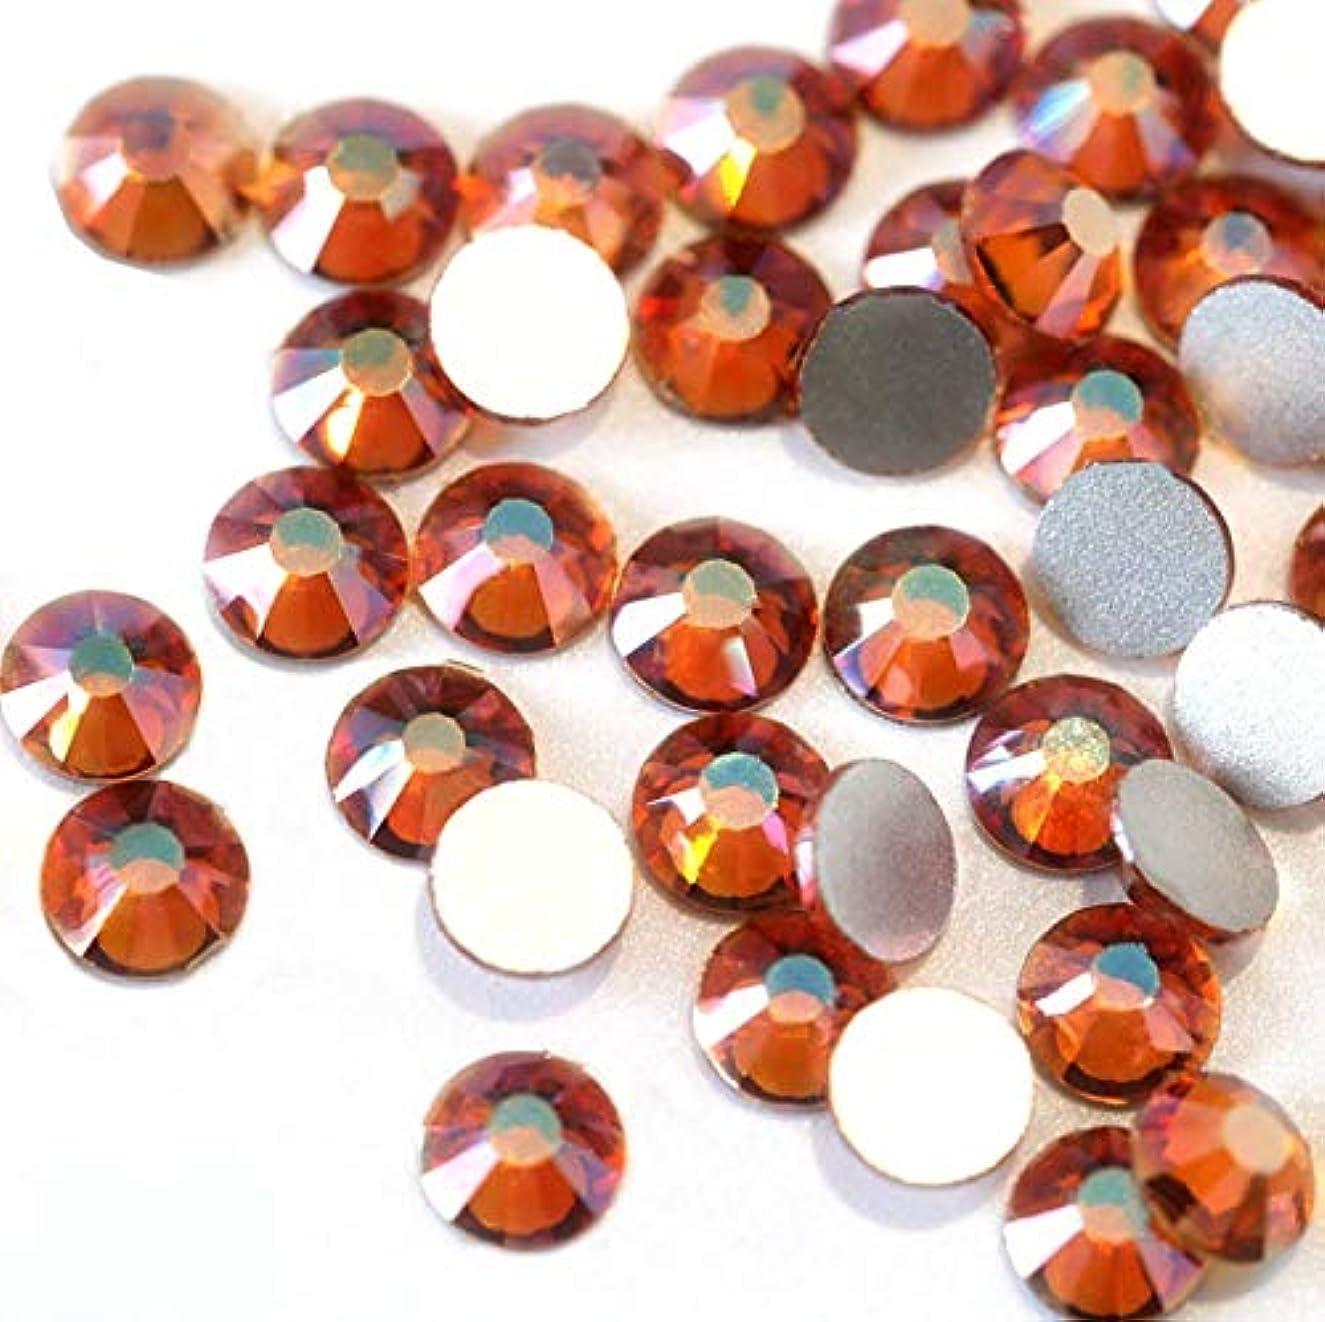 信頼性のある事業内容せがむ【ラインストーン77】高品質ガラス製ラインストーン 色/サイズ選択可 SS3~SS50 スワロフスキー同等 (サンセット, SS8:約2.2mm(約200粒))